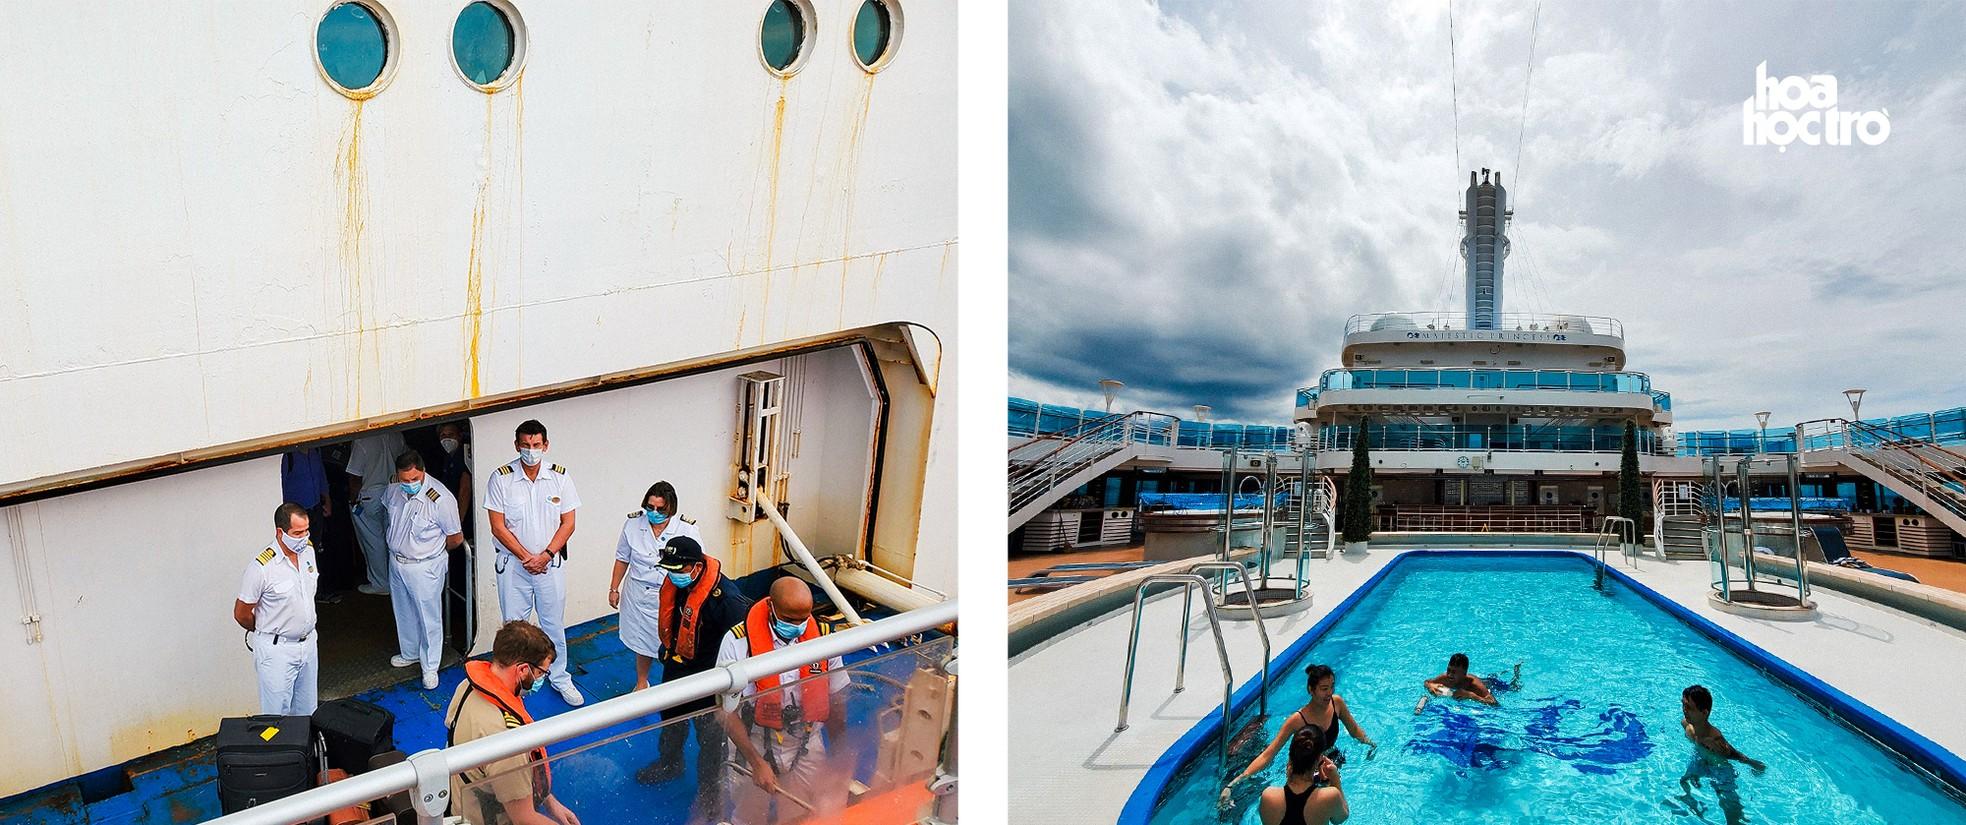 Hải trình sóng gió của chàng trai Việt mắc kẹt đã 6 tháng trên tàu viễn dương vì COVID-19 ảnh 6